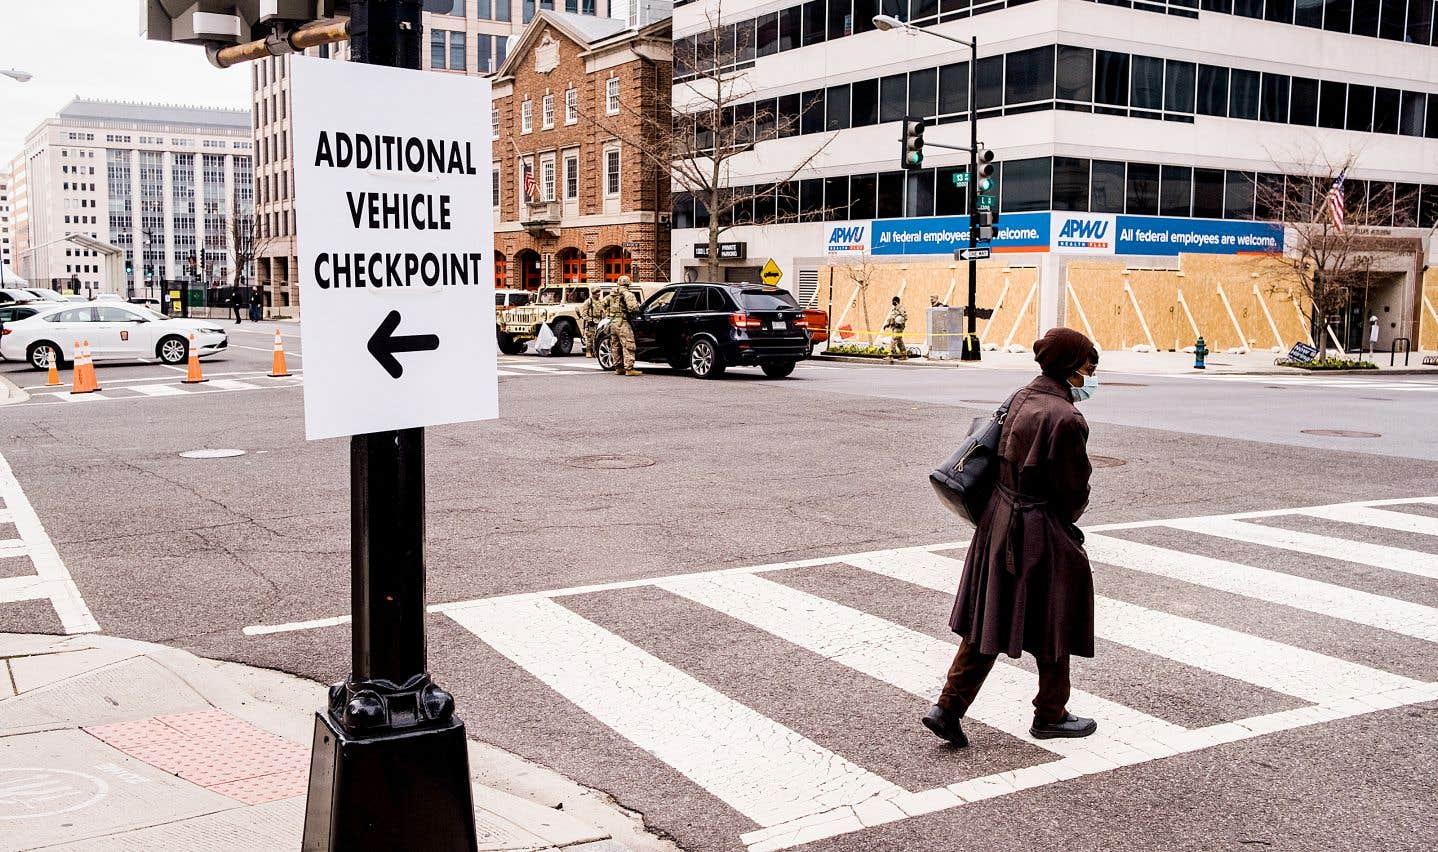 Une pancarte annonce un nouveau point de contrôle, le centre-ville étant englouti par les différentes forces de sécurité.